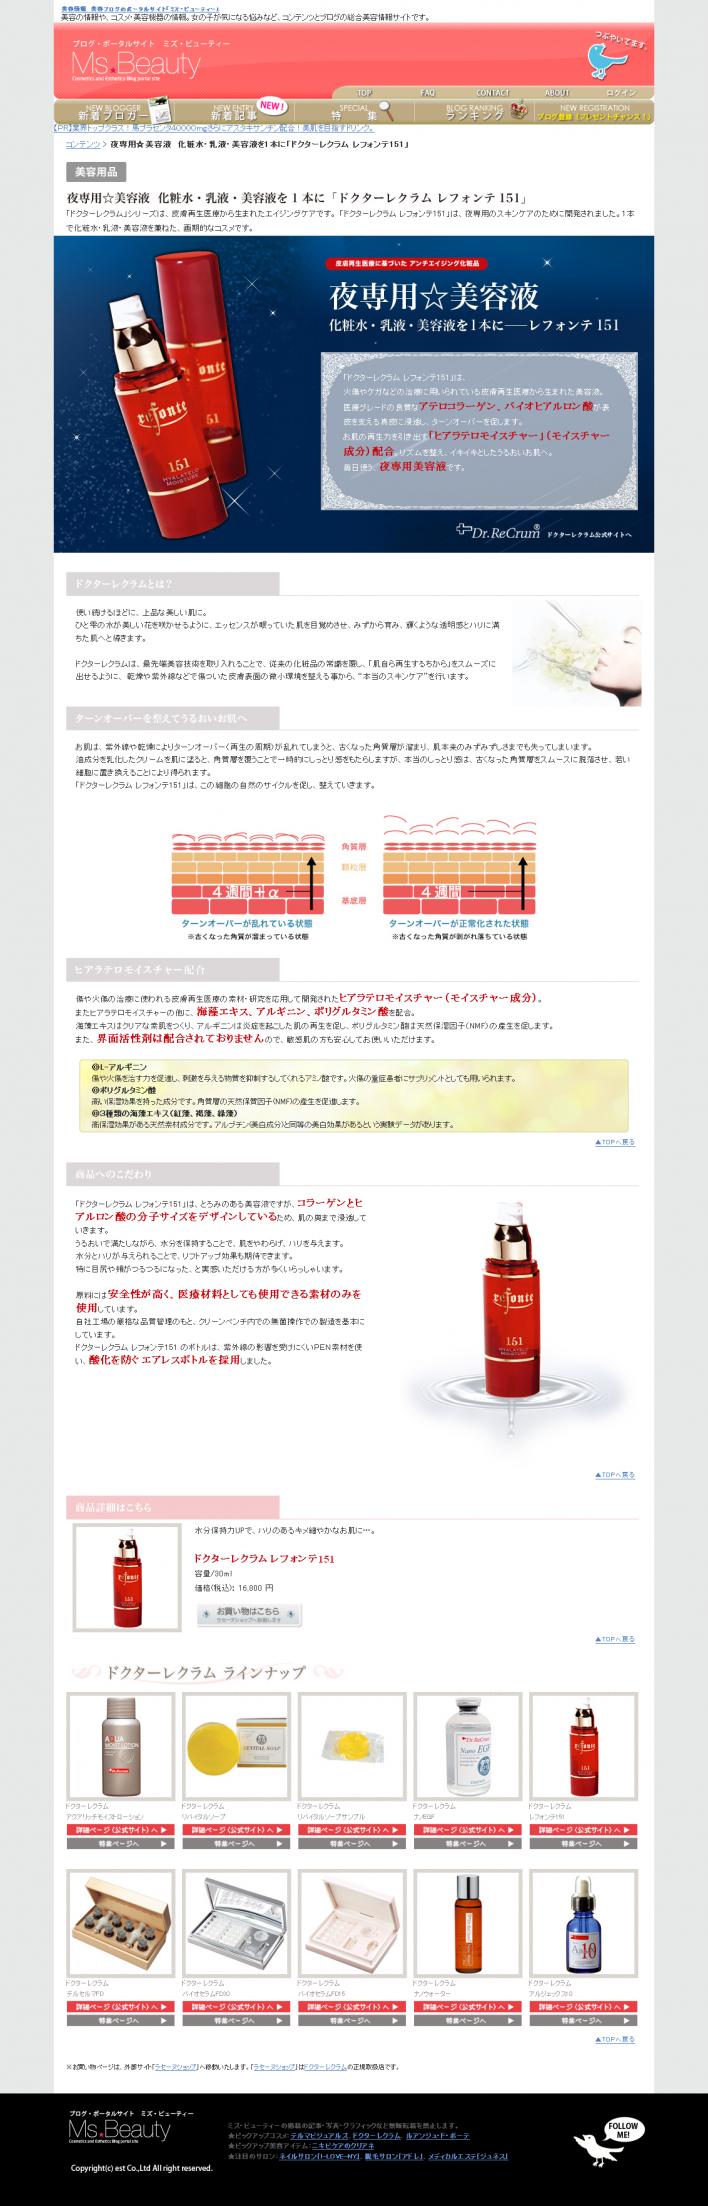 夜専用☆美容液化粧水・乳液・美容液を1本に「ドクターレクラムレフォンテ151」